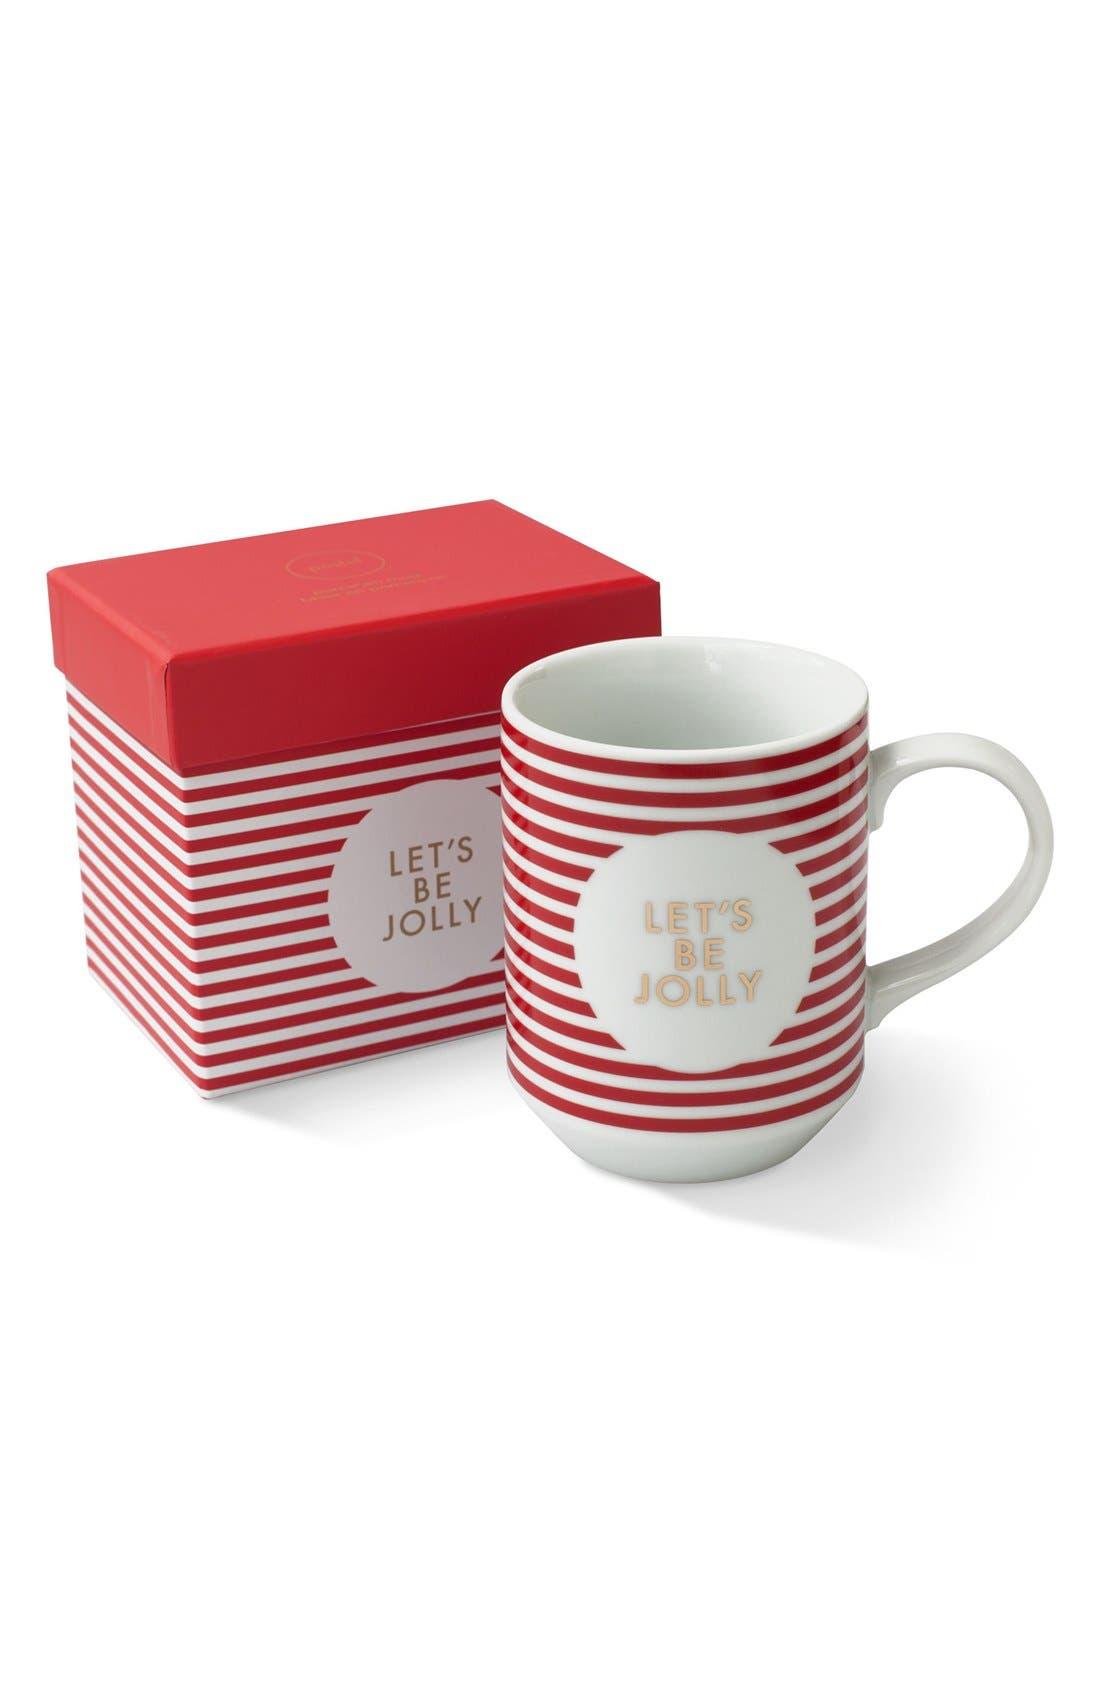 Main Image - Fringe Studio Let's Be Jolly Boxed Mug